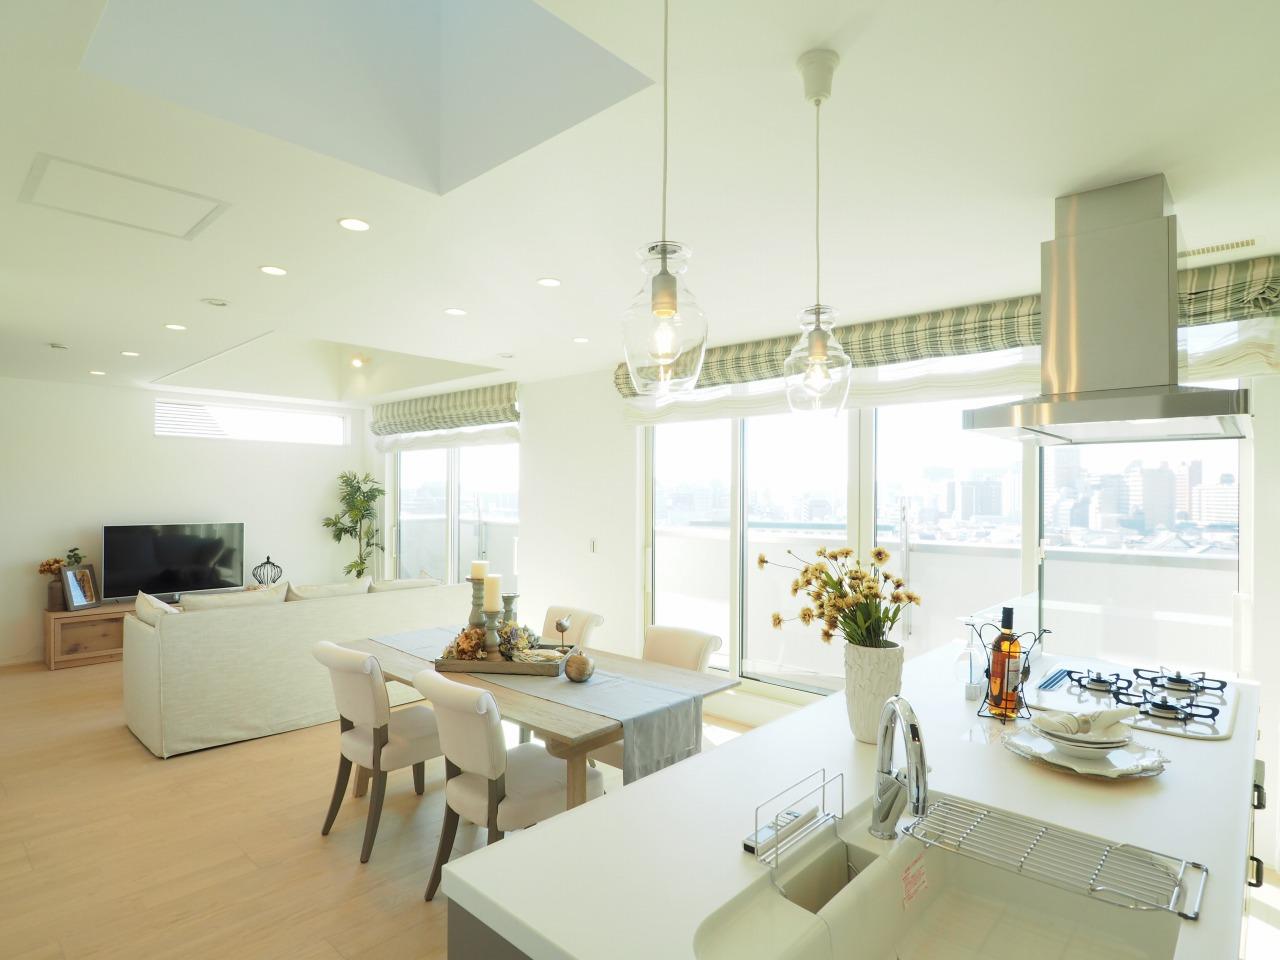 モデルハウス/住宅展示場情報:千里円山の丘モデルハウス(大阪府吹田)のスライダー用サムネイル画像